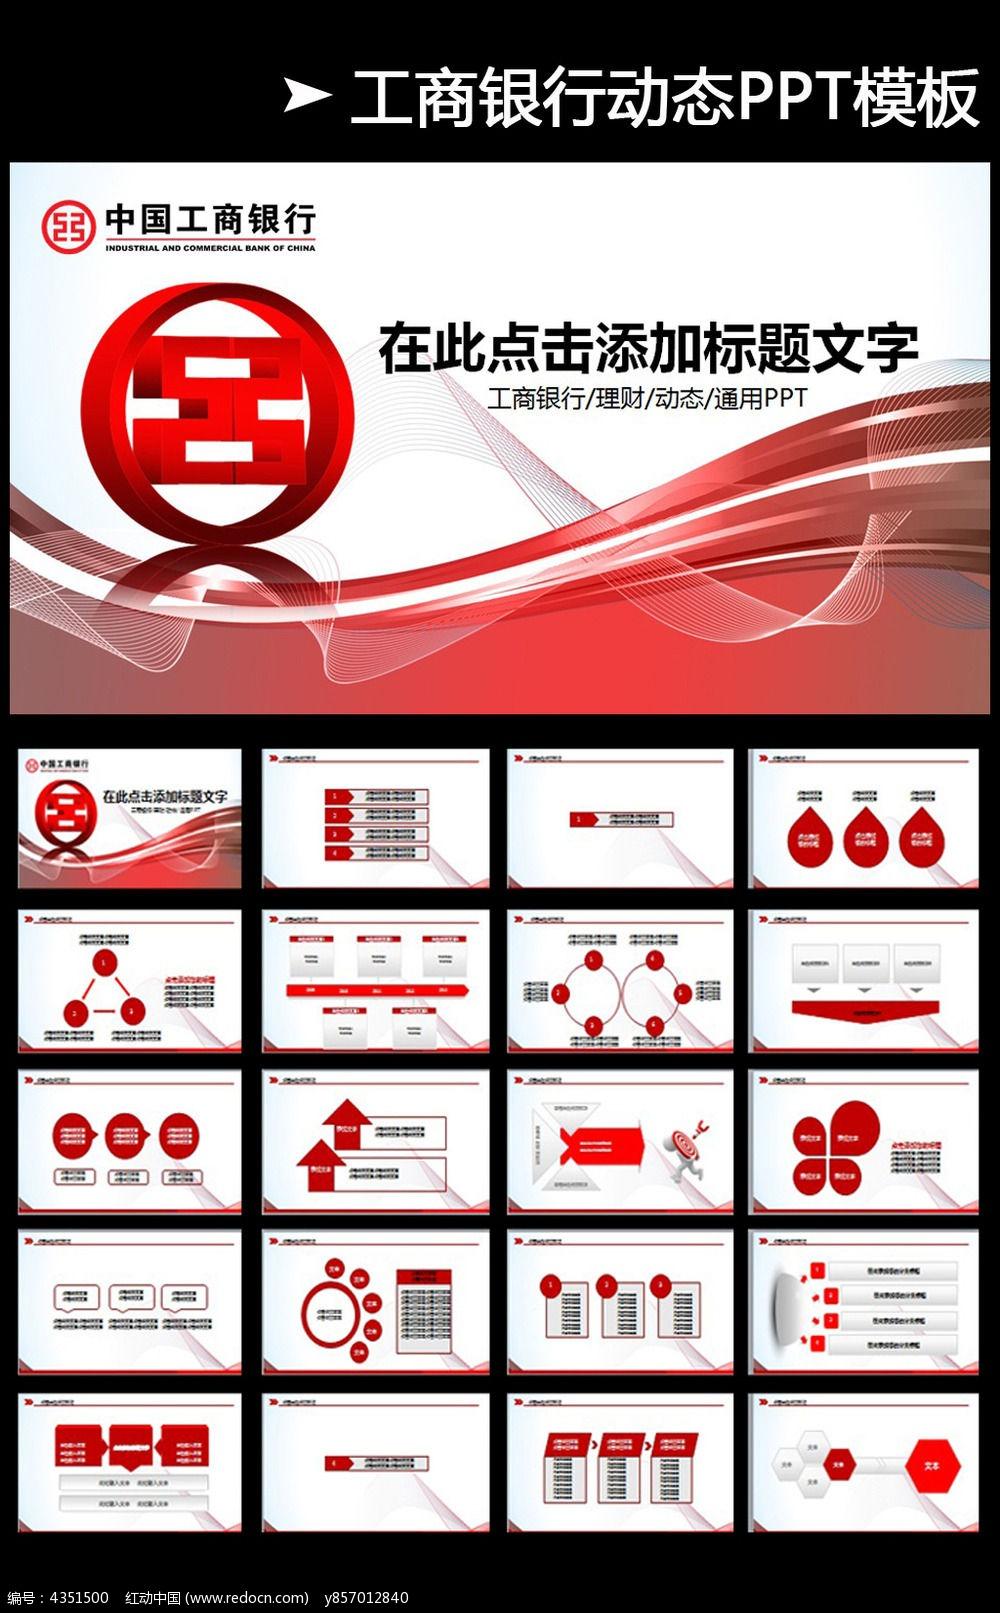 中国工商银行理财动态ppt模板图片